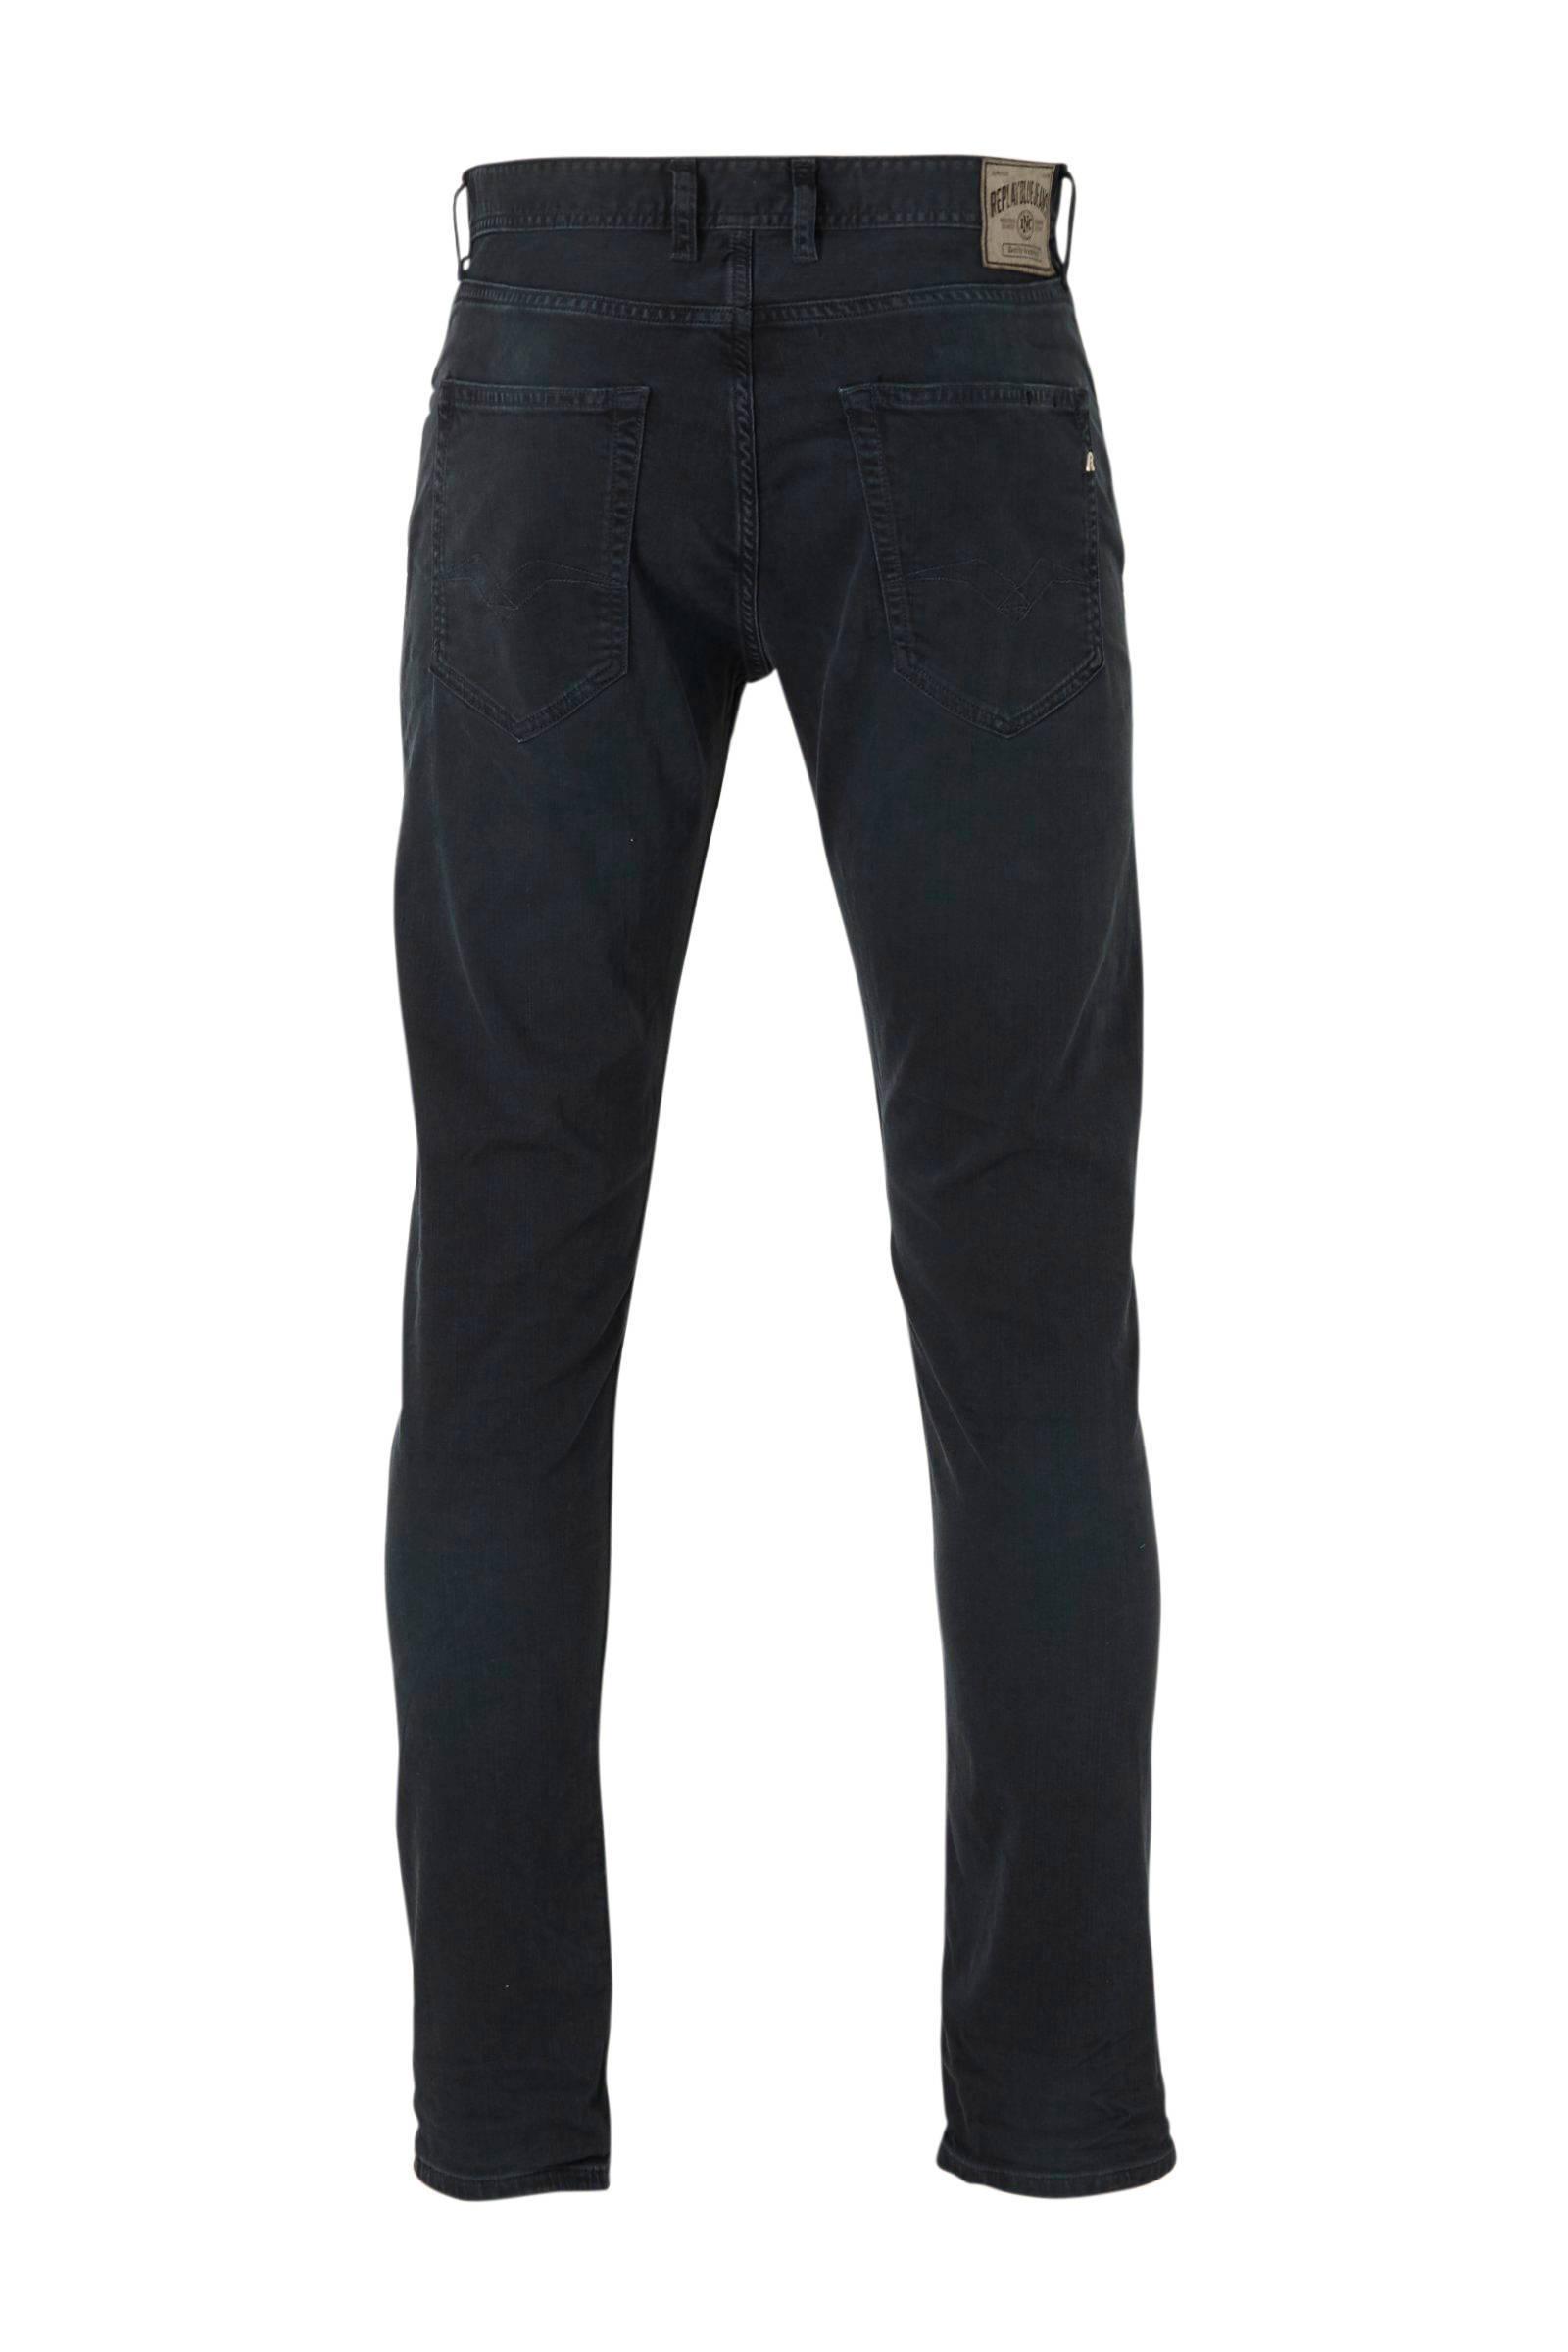 Replay Denim Straight Fit Jeans Grover Blue voor heren